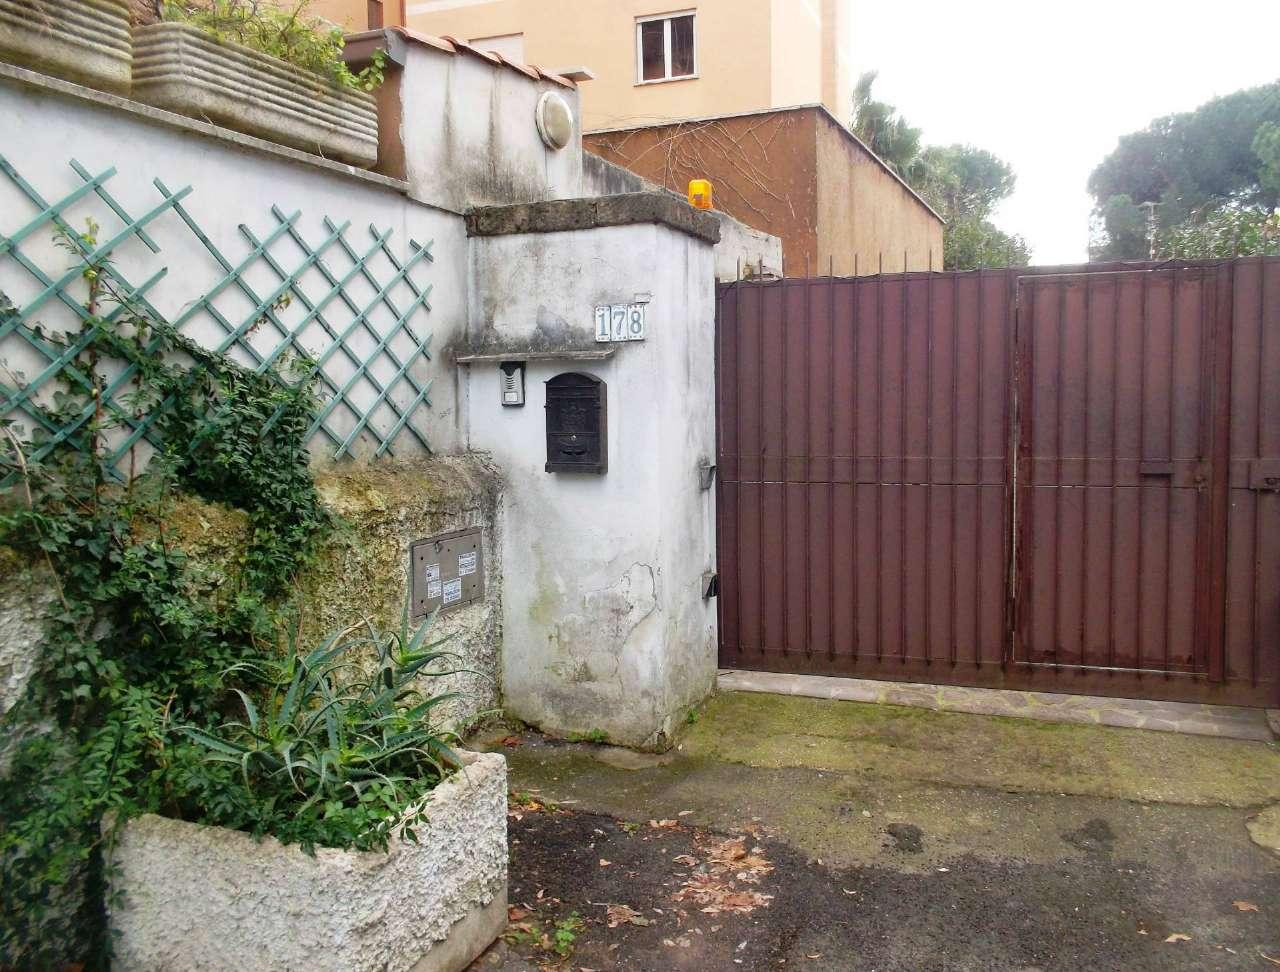 Soluzione Indipendente in vendita a Roma, 4 locali, zona Zona: 24 . Gianicolense - Colli Portuensi - Monteverde, prezzo € 590.000 | Cambio Casa.it